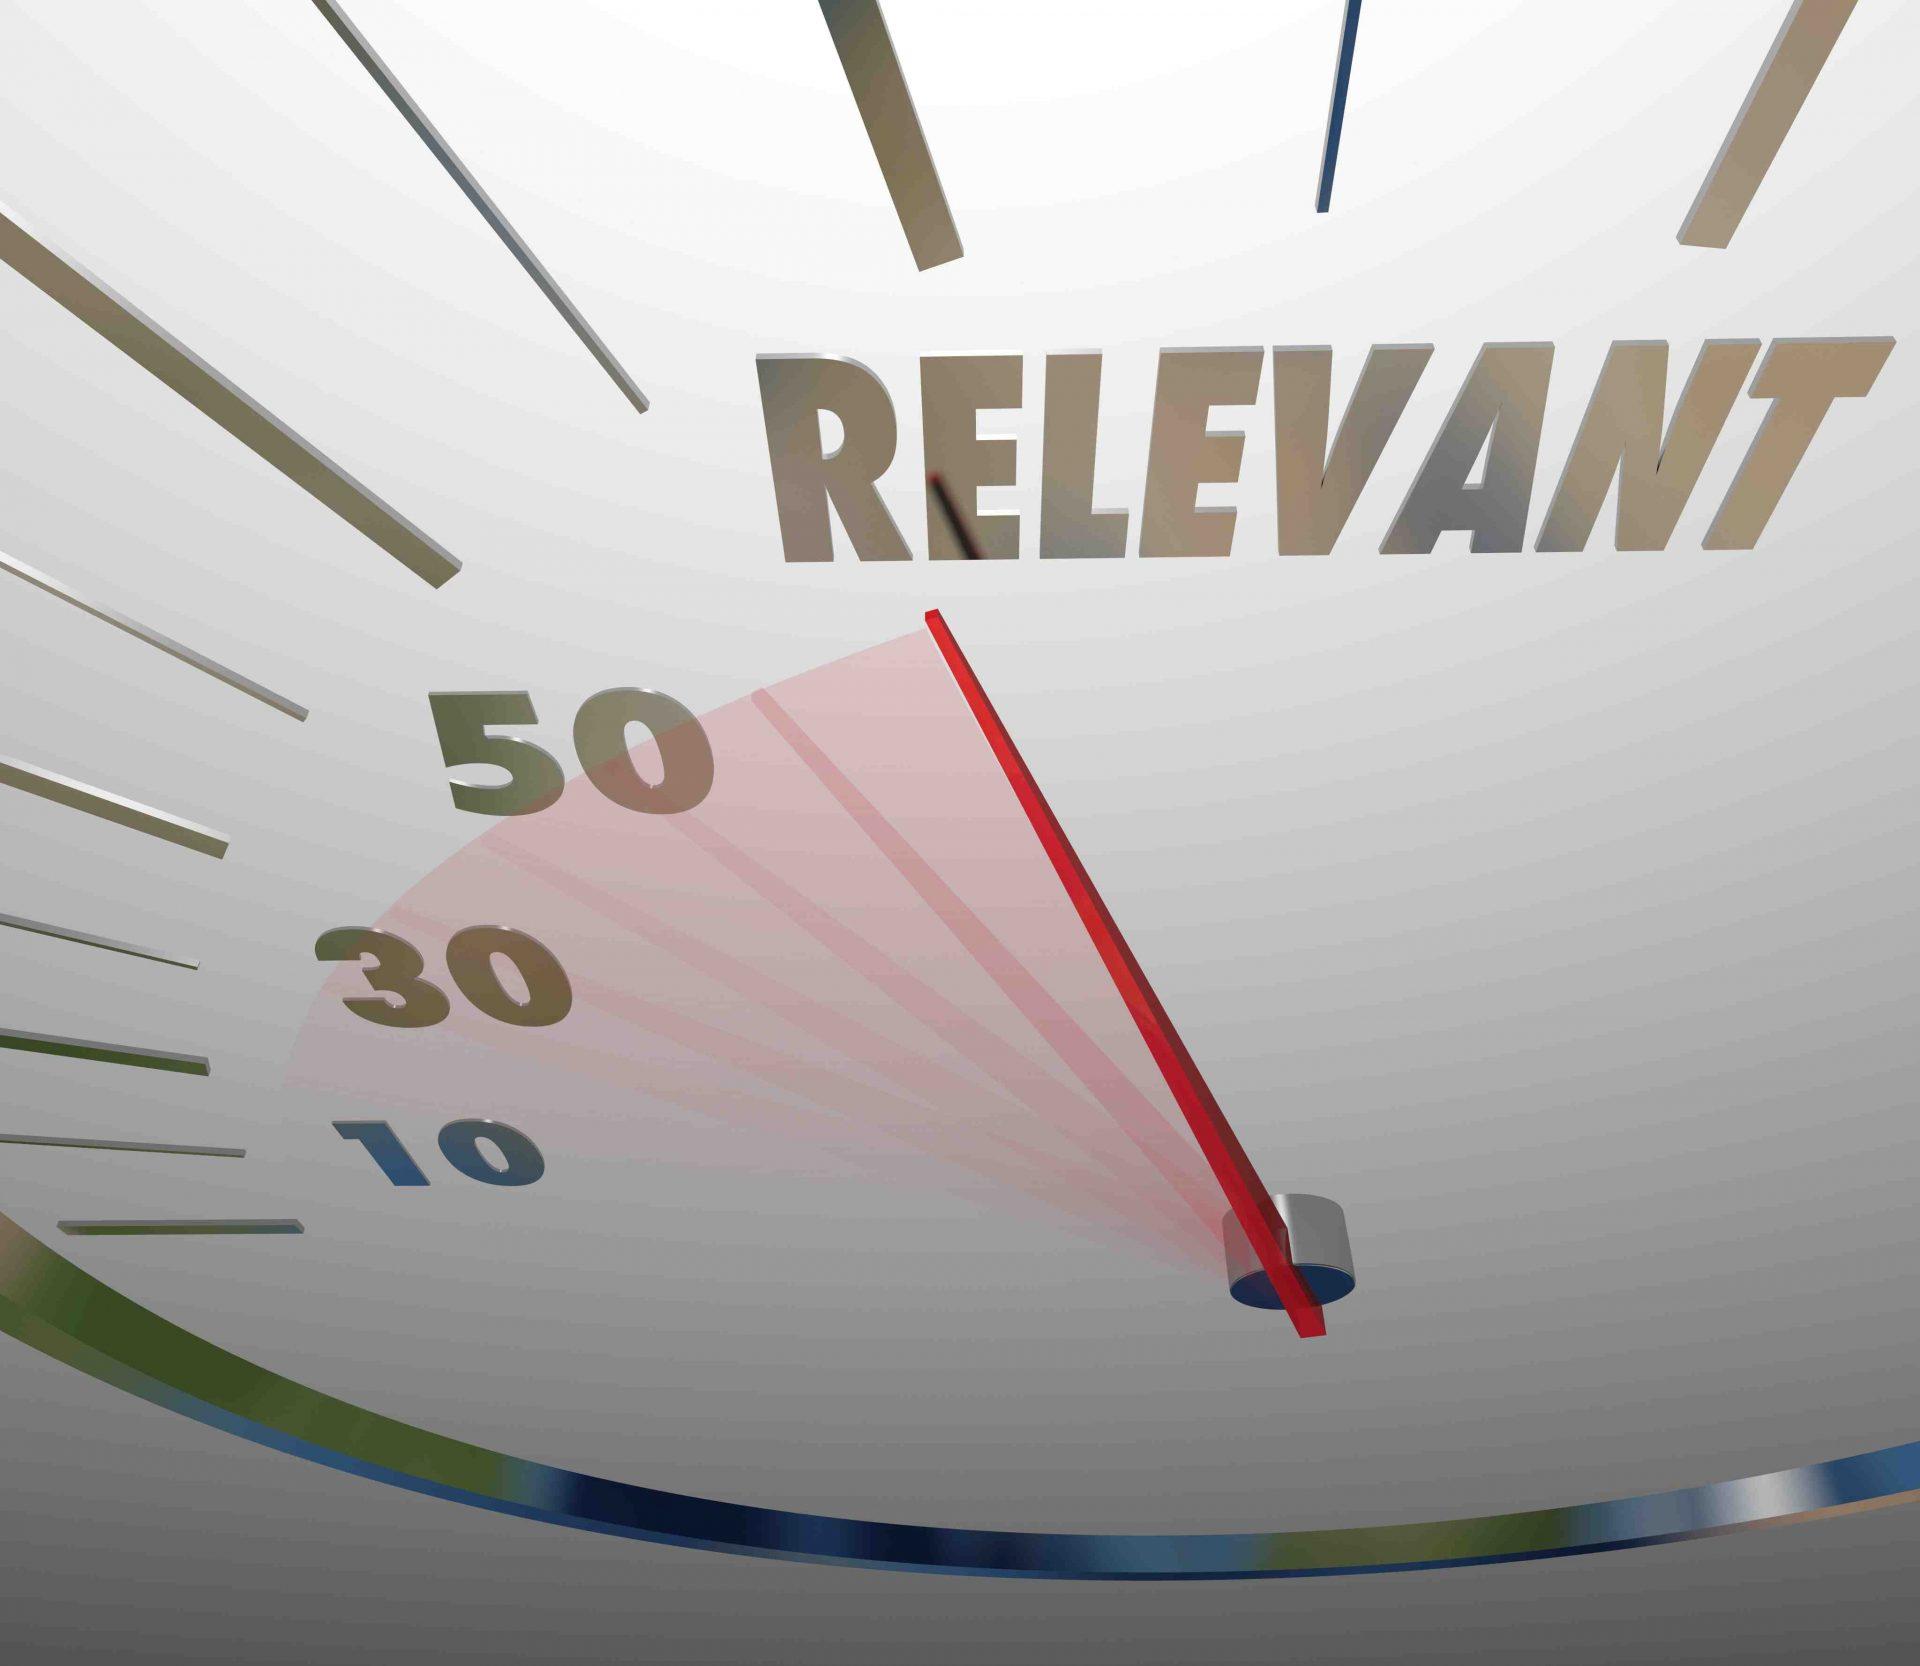 Relevancy Score